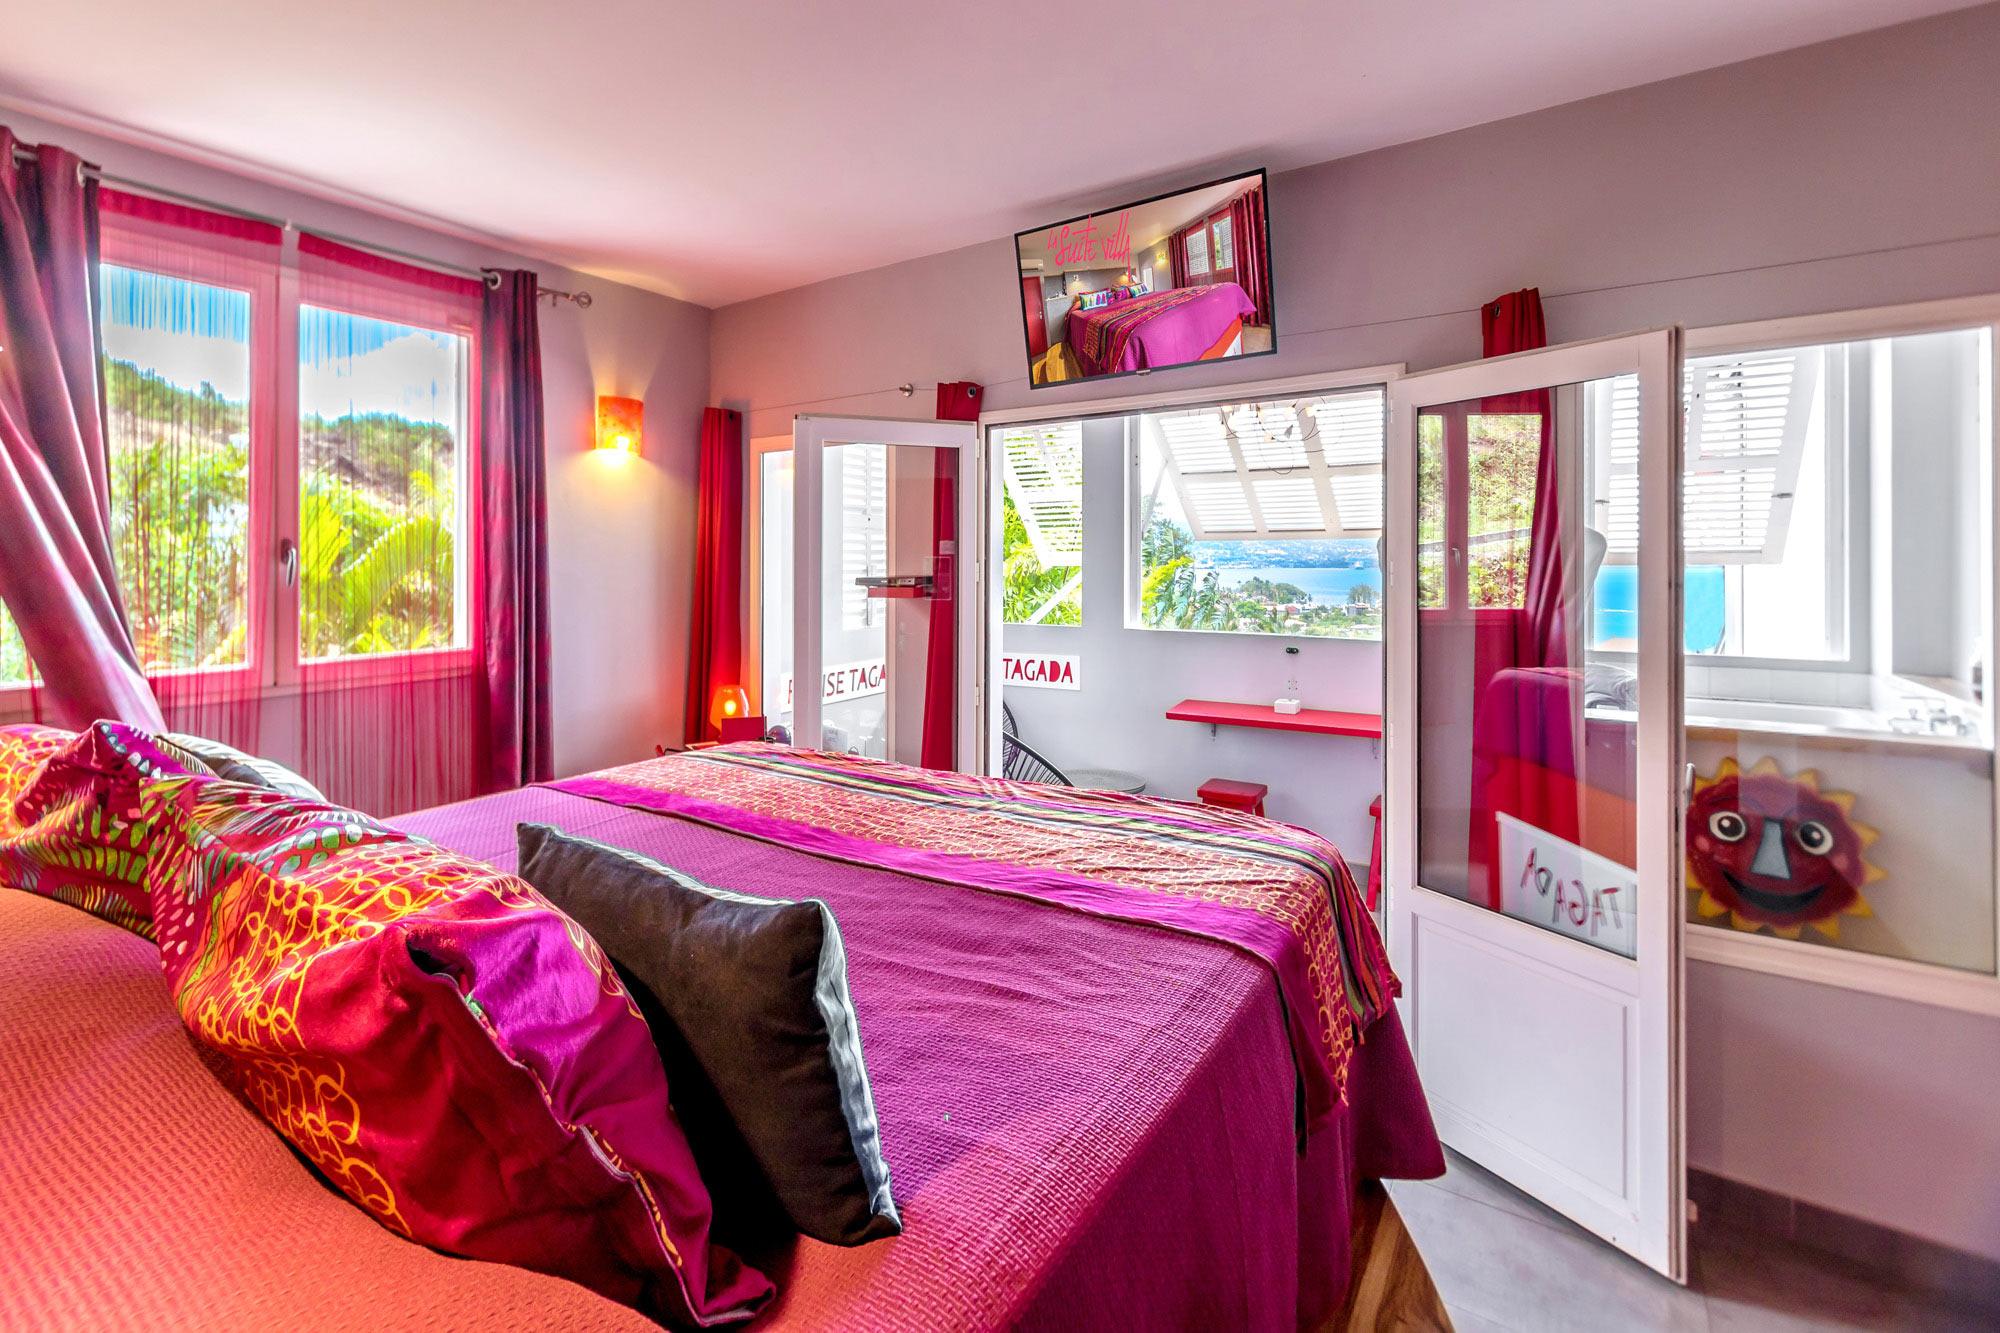 Hôtel de charme en Martinique avec vue mer des Caraïbes